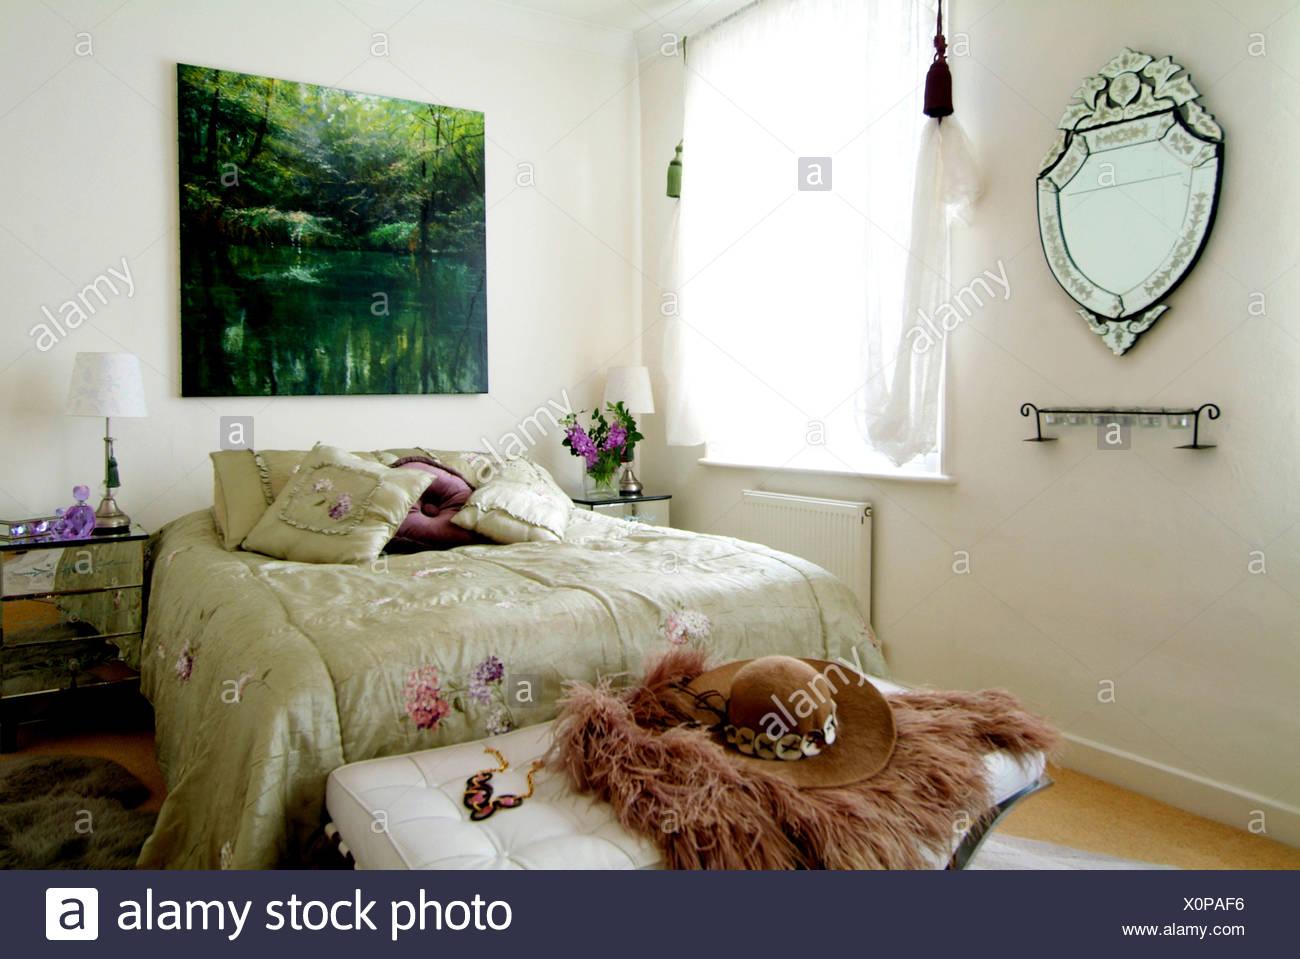 Chelsea Wohnung Schlafzimmer Interiwith ein Natur-Szene-Kunstwerk an ...